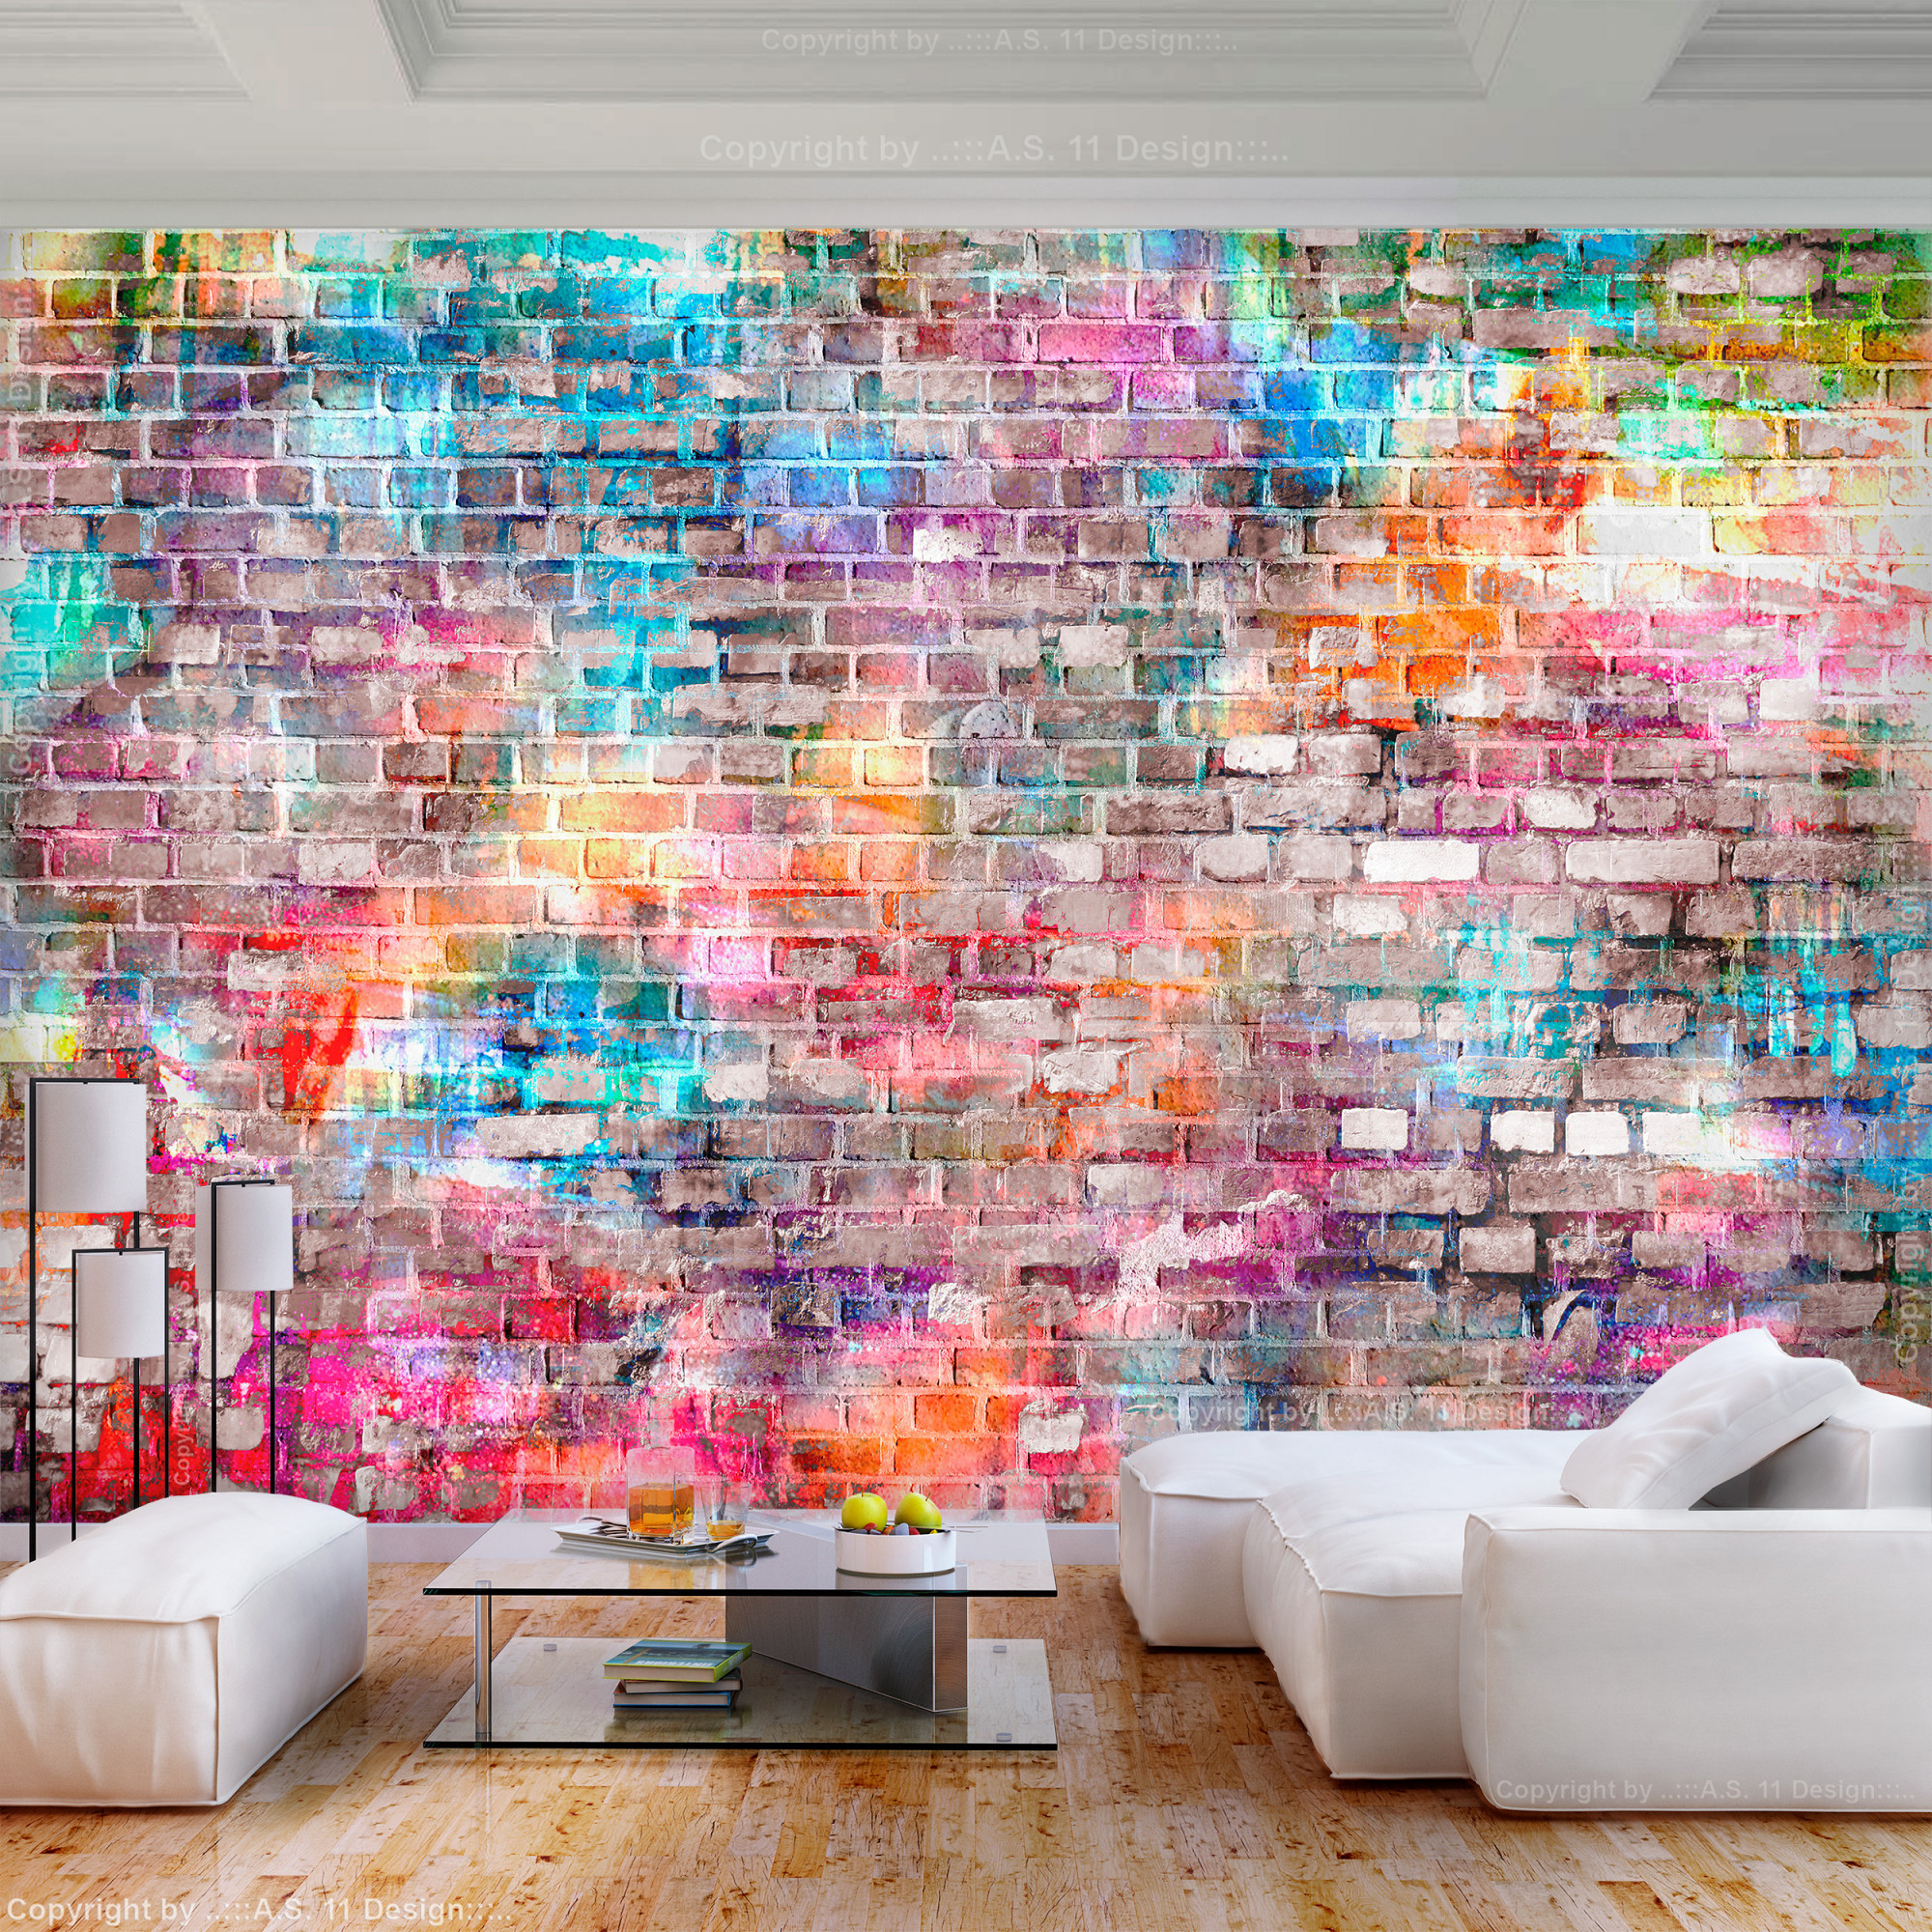 Details Zu Vlies Fototapete Ziegelwand Bunt Steine Tapete Wandbilder Xxl  Wohnzimmer von Bunte Tapeten Wohnzimmer Bild